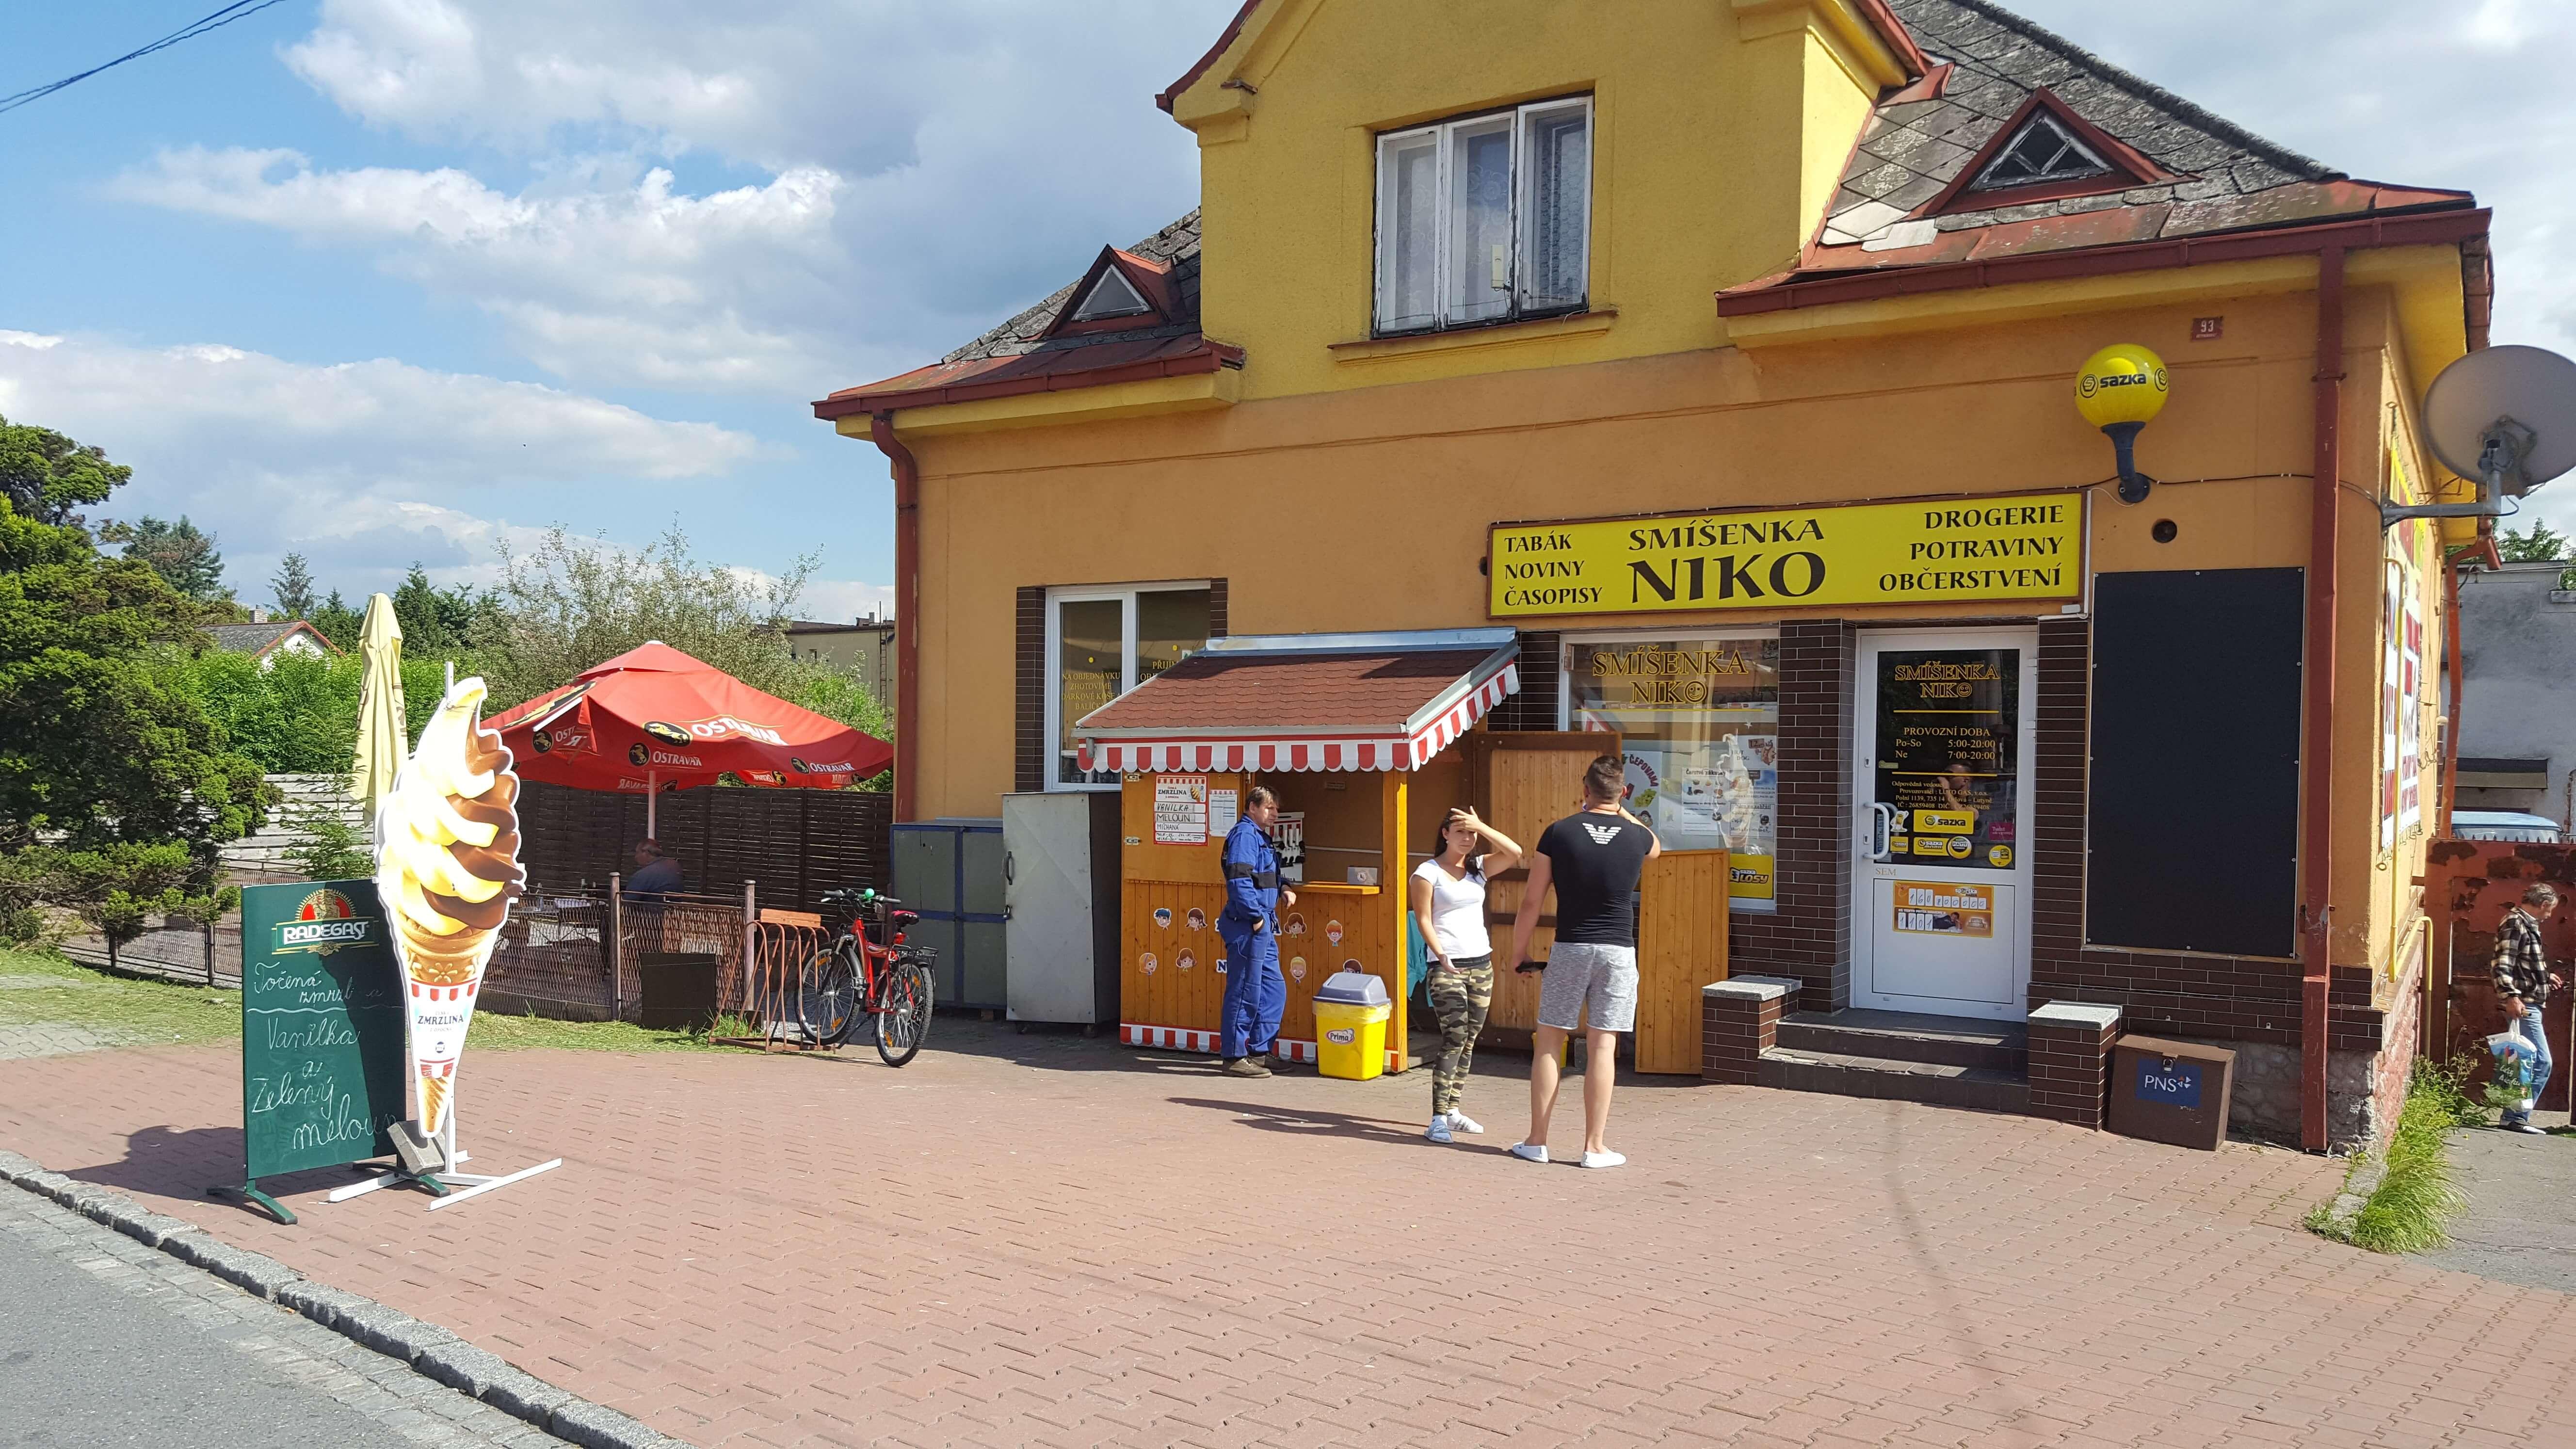 smisenka_niko_1